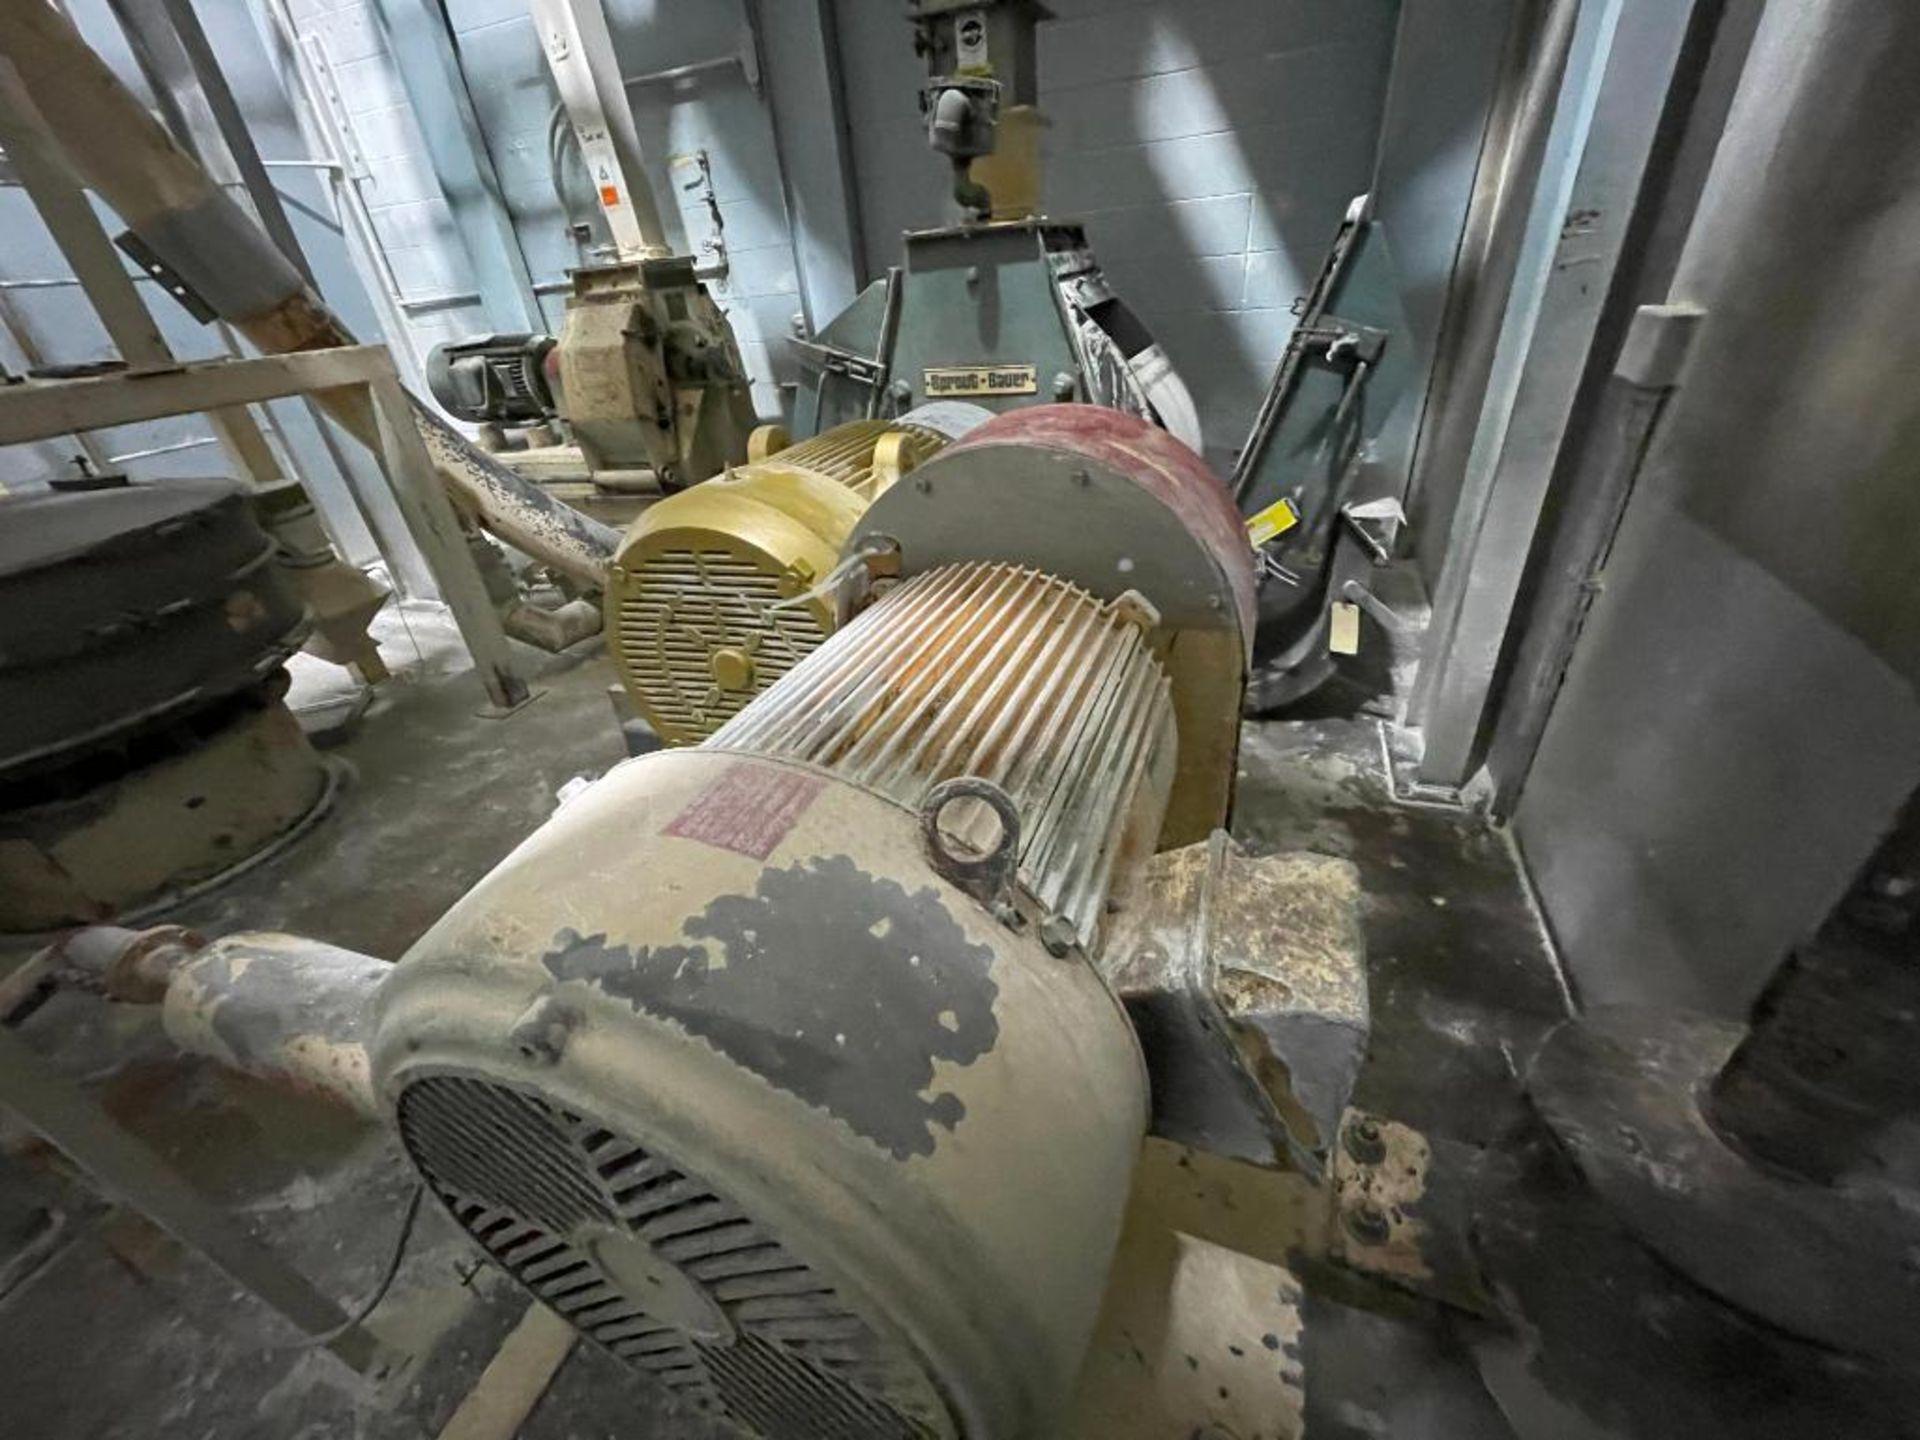 Gardner Denver Duroflow rotary positive blower - Image 4 of 14